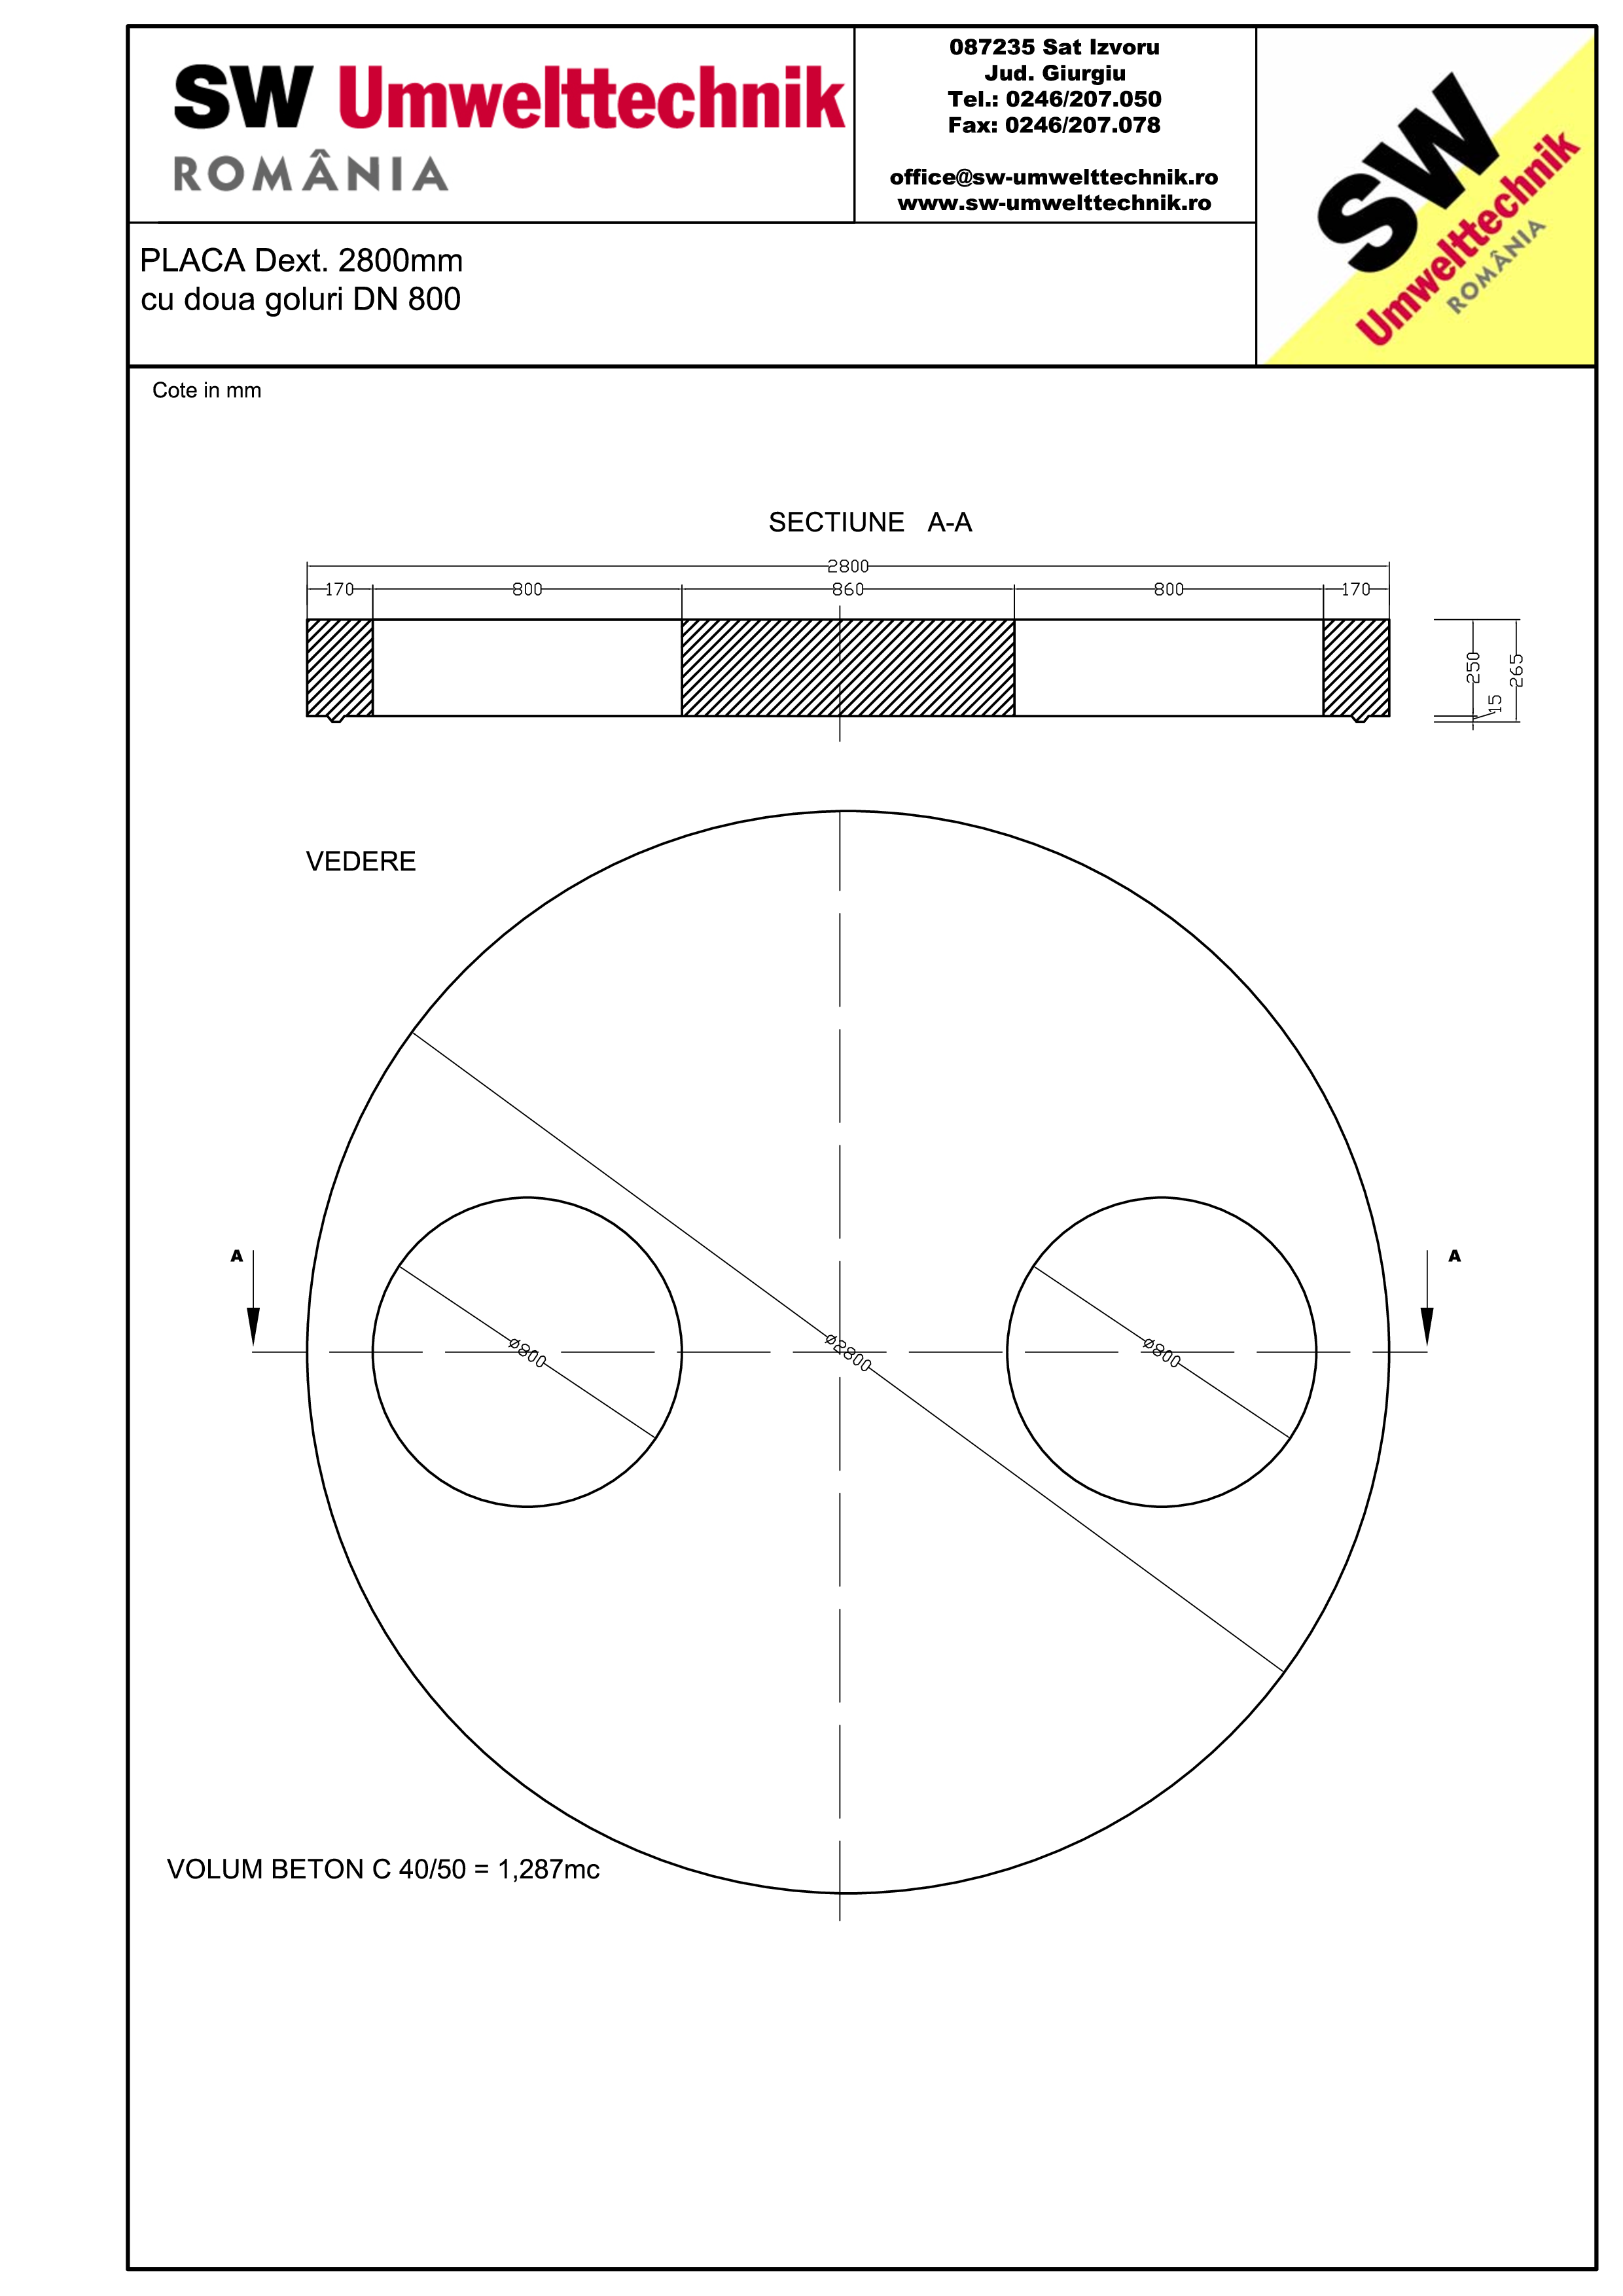 Pagina 1 - CAD-PDF Placa Dext. 2800 H250 cu doua goluri DN800 SW UMWELTTECHNIK Detaliu de produs